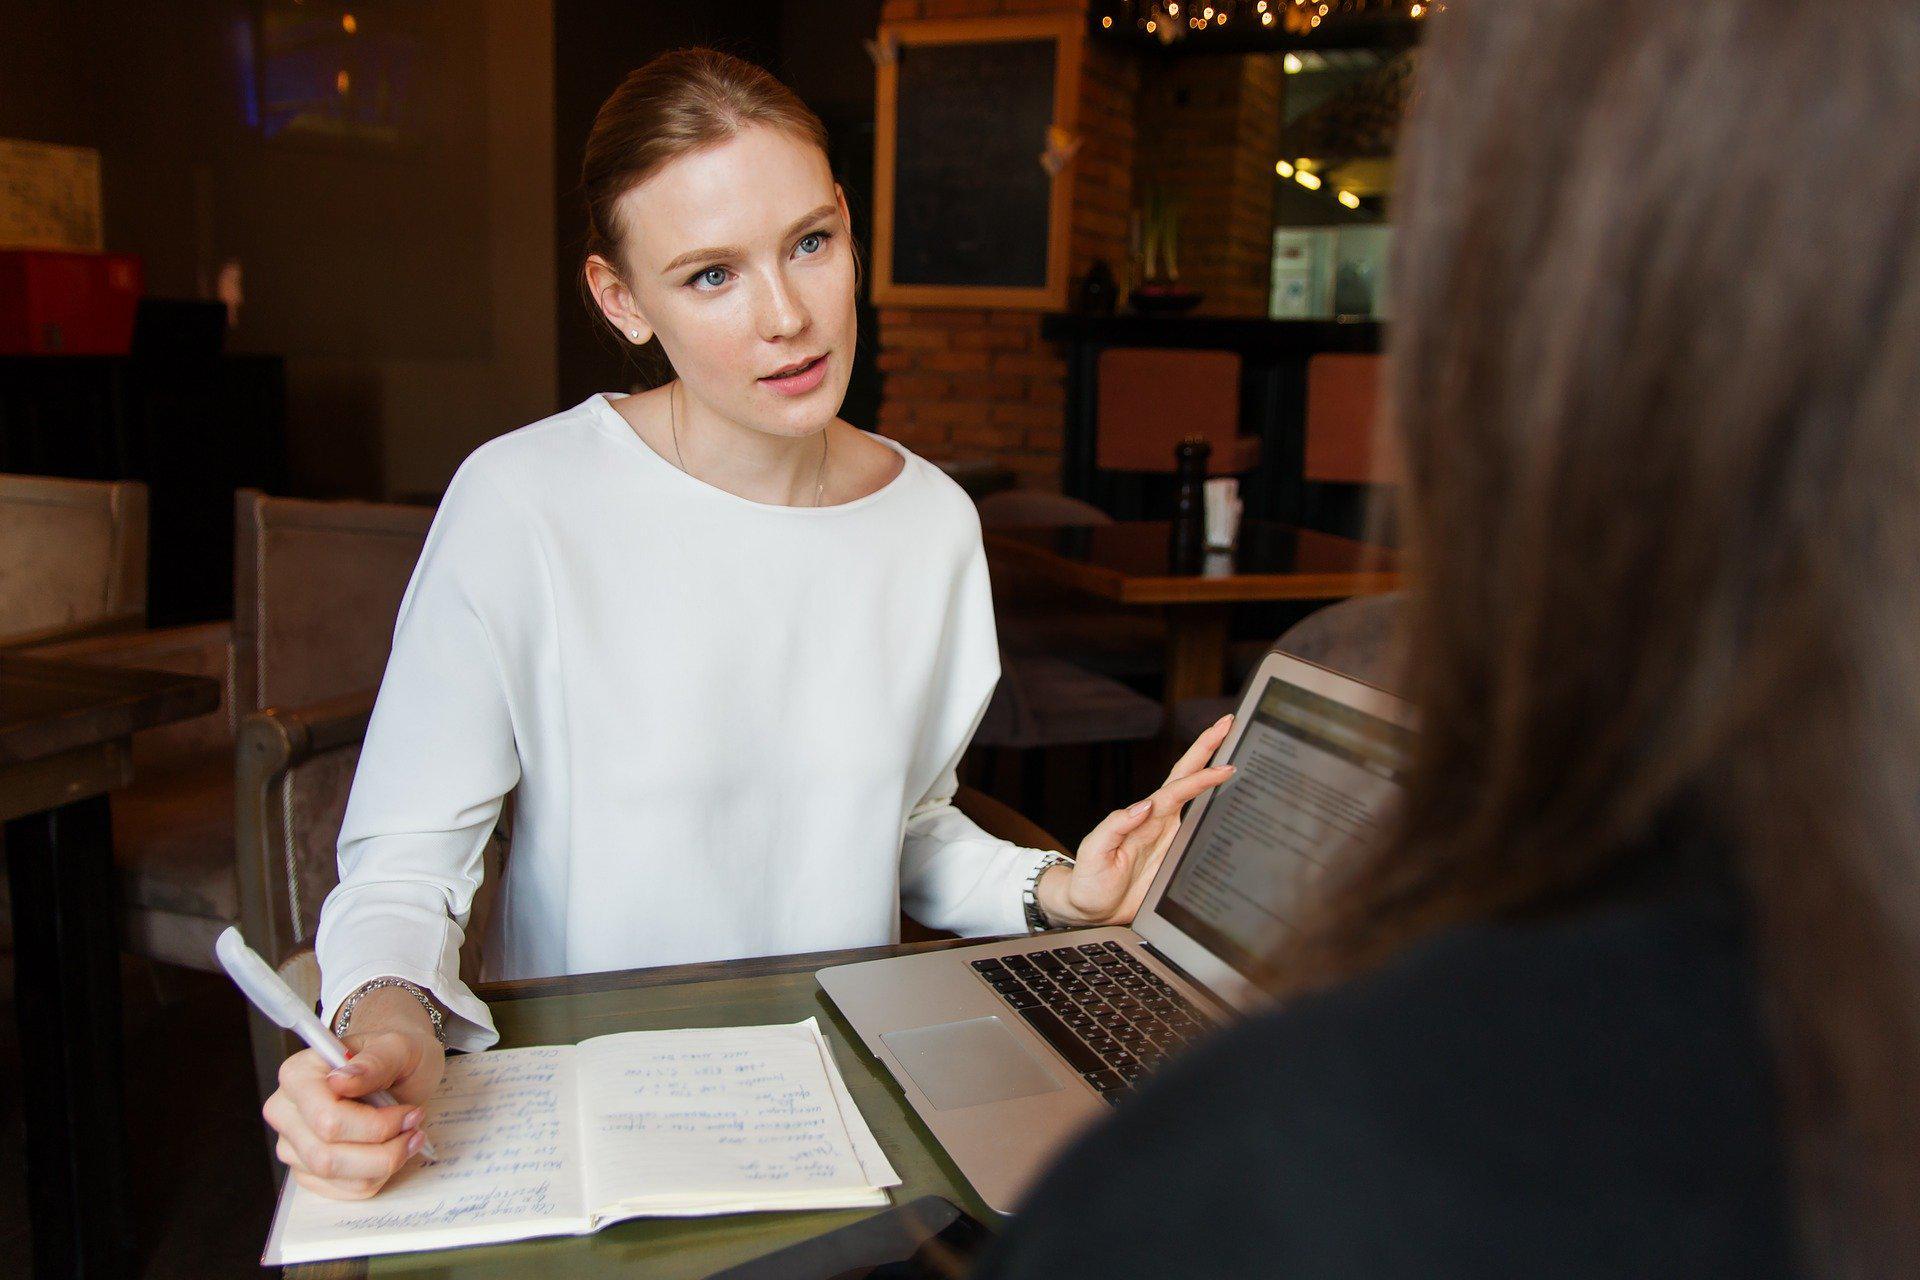 Rete al Femminile - Immagine business e comunicazione